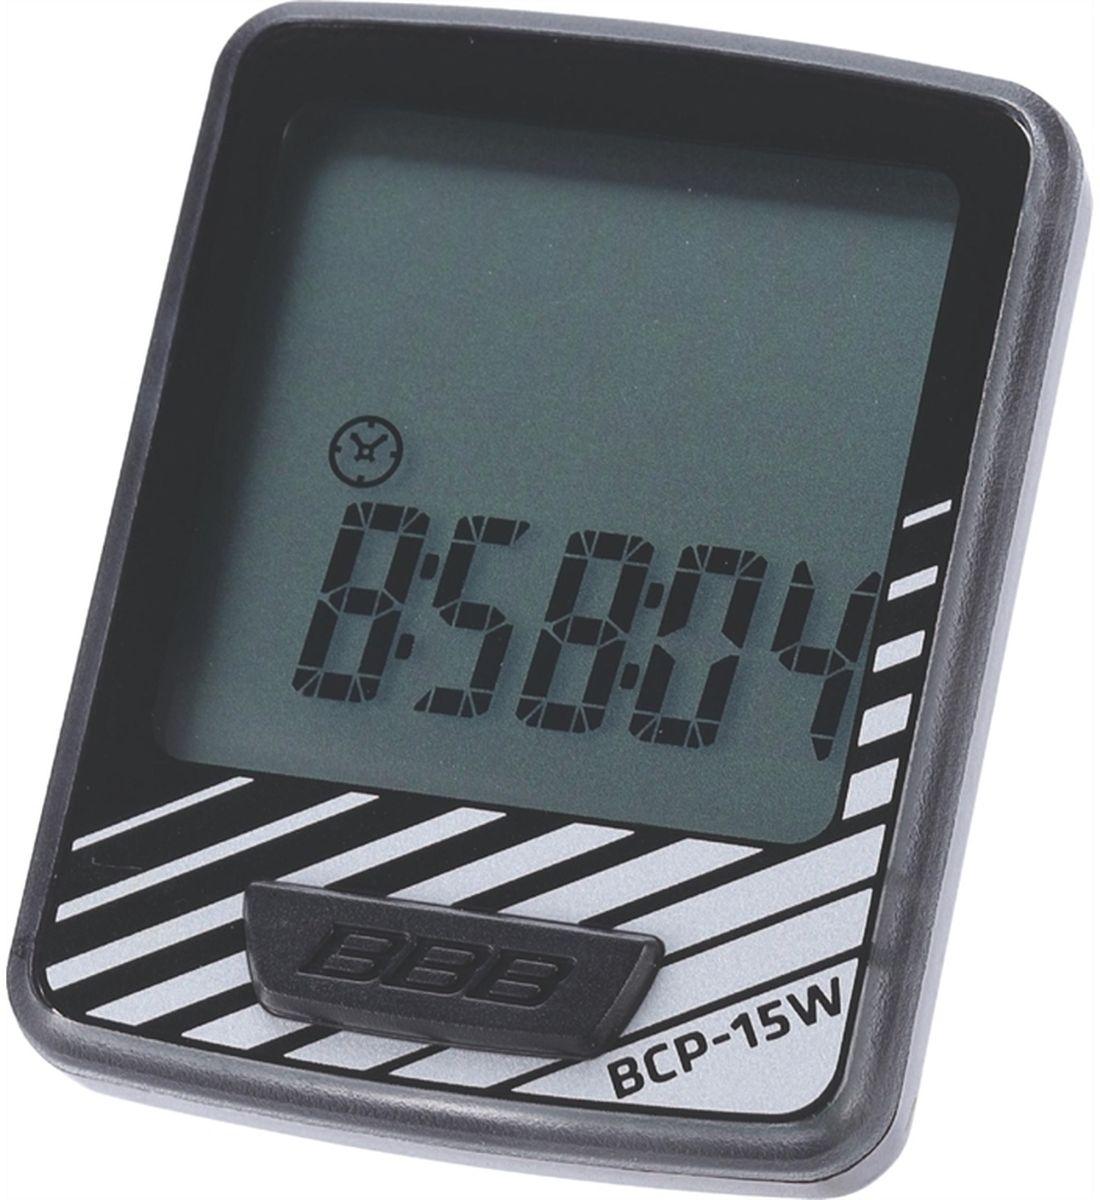 Велокомпьютер BBB DashBoard , цвет: черный, серебристый, 10 функцийMW-1462-01-SR серебристыйВелокомпьютер BBB DashBoard стал, в своем роде, образцом для подражания. Появившись как простой и небольшой велокомпьютер с большим и легкочитаемым экраном, он эволюционировал в любимый прибор велосипедистов, которым нужна простая в использовании вещь без тысячи лишних функций. Общий размер велокомпьютера имеет небольшой размер за счет верхней части корпуса. Размер экрана 32 х 32 мм, позволяющие легко считывать информацию. Управление одной кнопкой.Функции:Текущая скоростьРасстояние поездкиОдометрЧасыАвтоматический переход функцийСредняя скоростьМаксимальная скоростьВремя поездкиАвто старт/стопИндикатор низкого заряда батареи.Особенности:Легко читаемый полноразмерный дисплей.Удобное управление с помощью одной кнопки.Компьютер может быть установлен на руле и выносе.Водонепроницаемый корпус.Батарейка в комплекте.